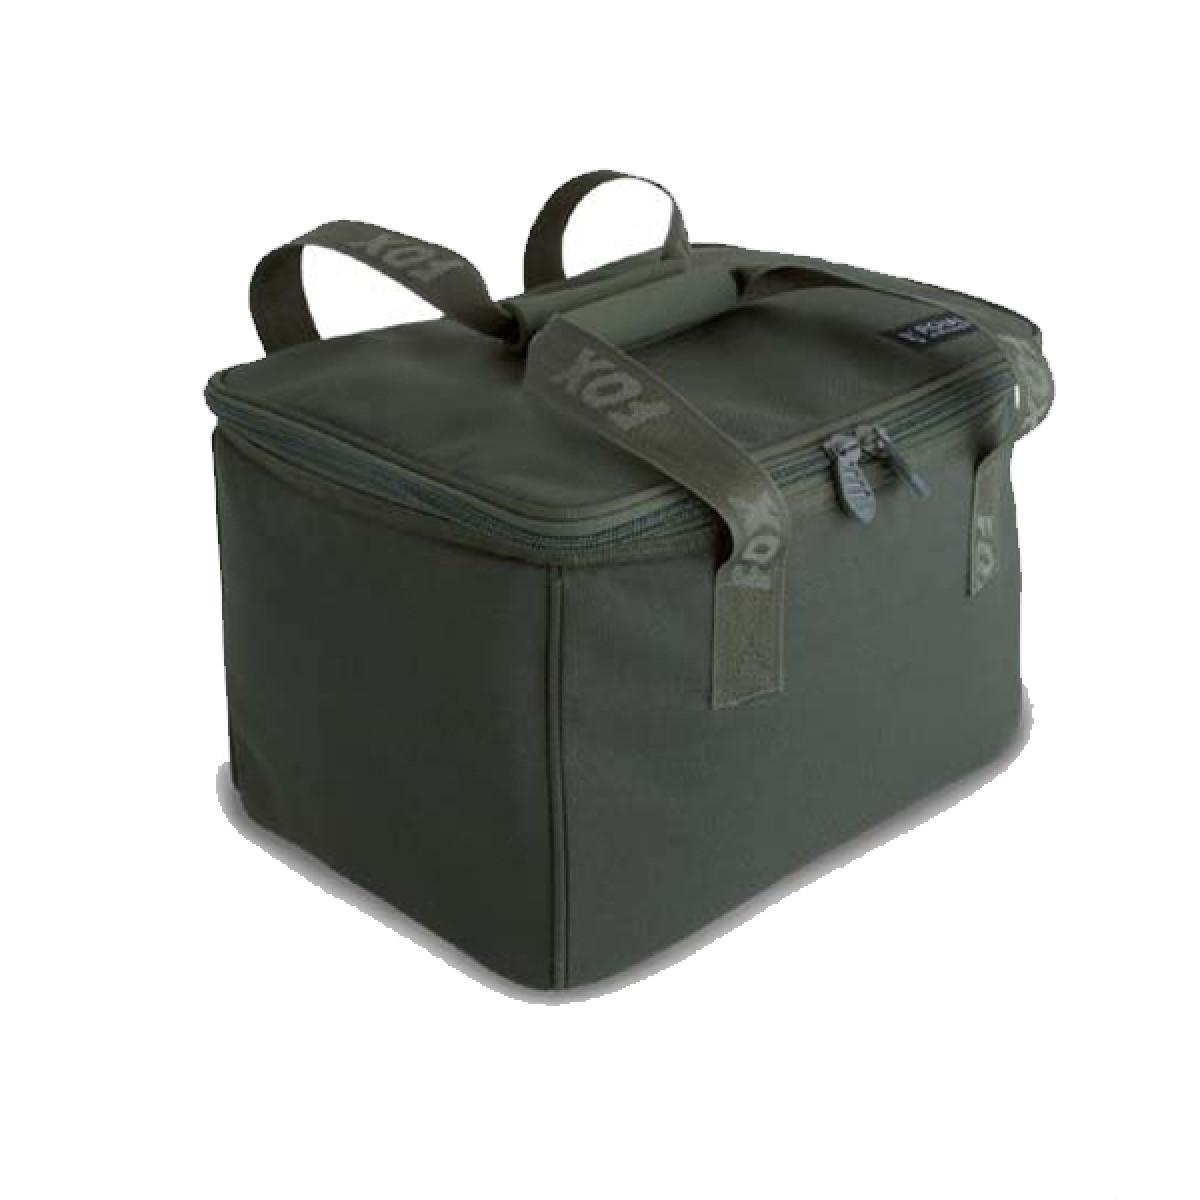 Royale Cooler Bag